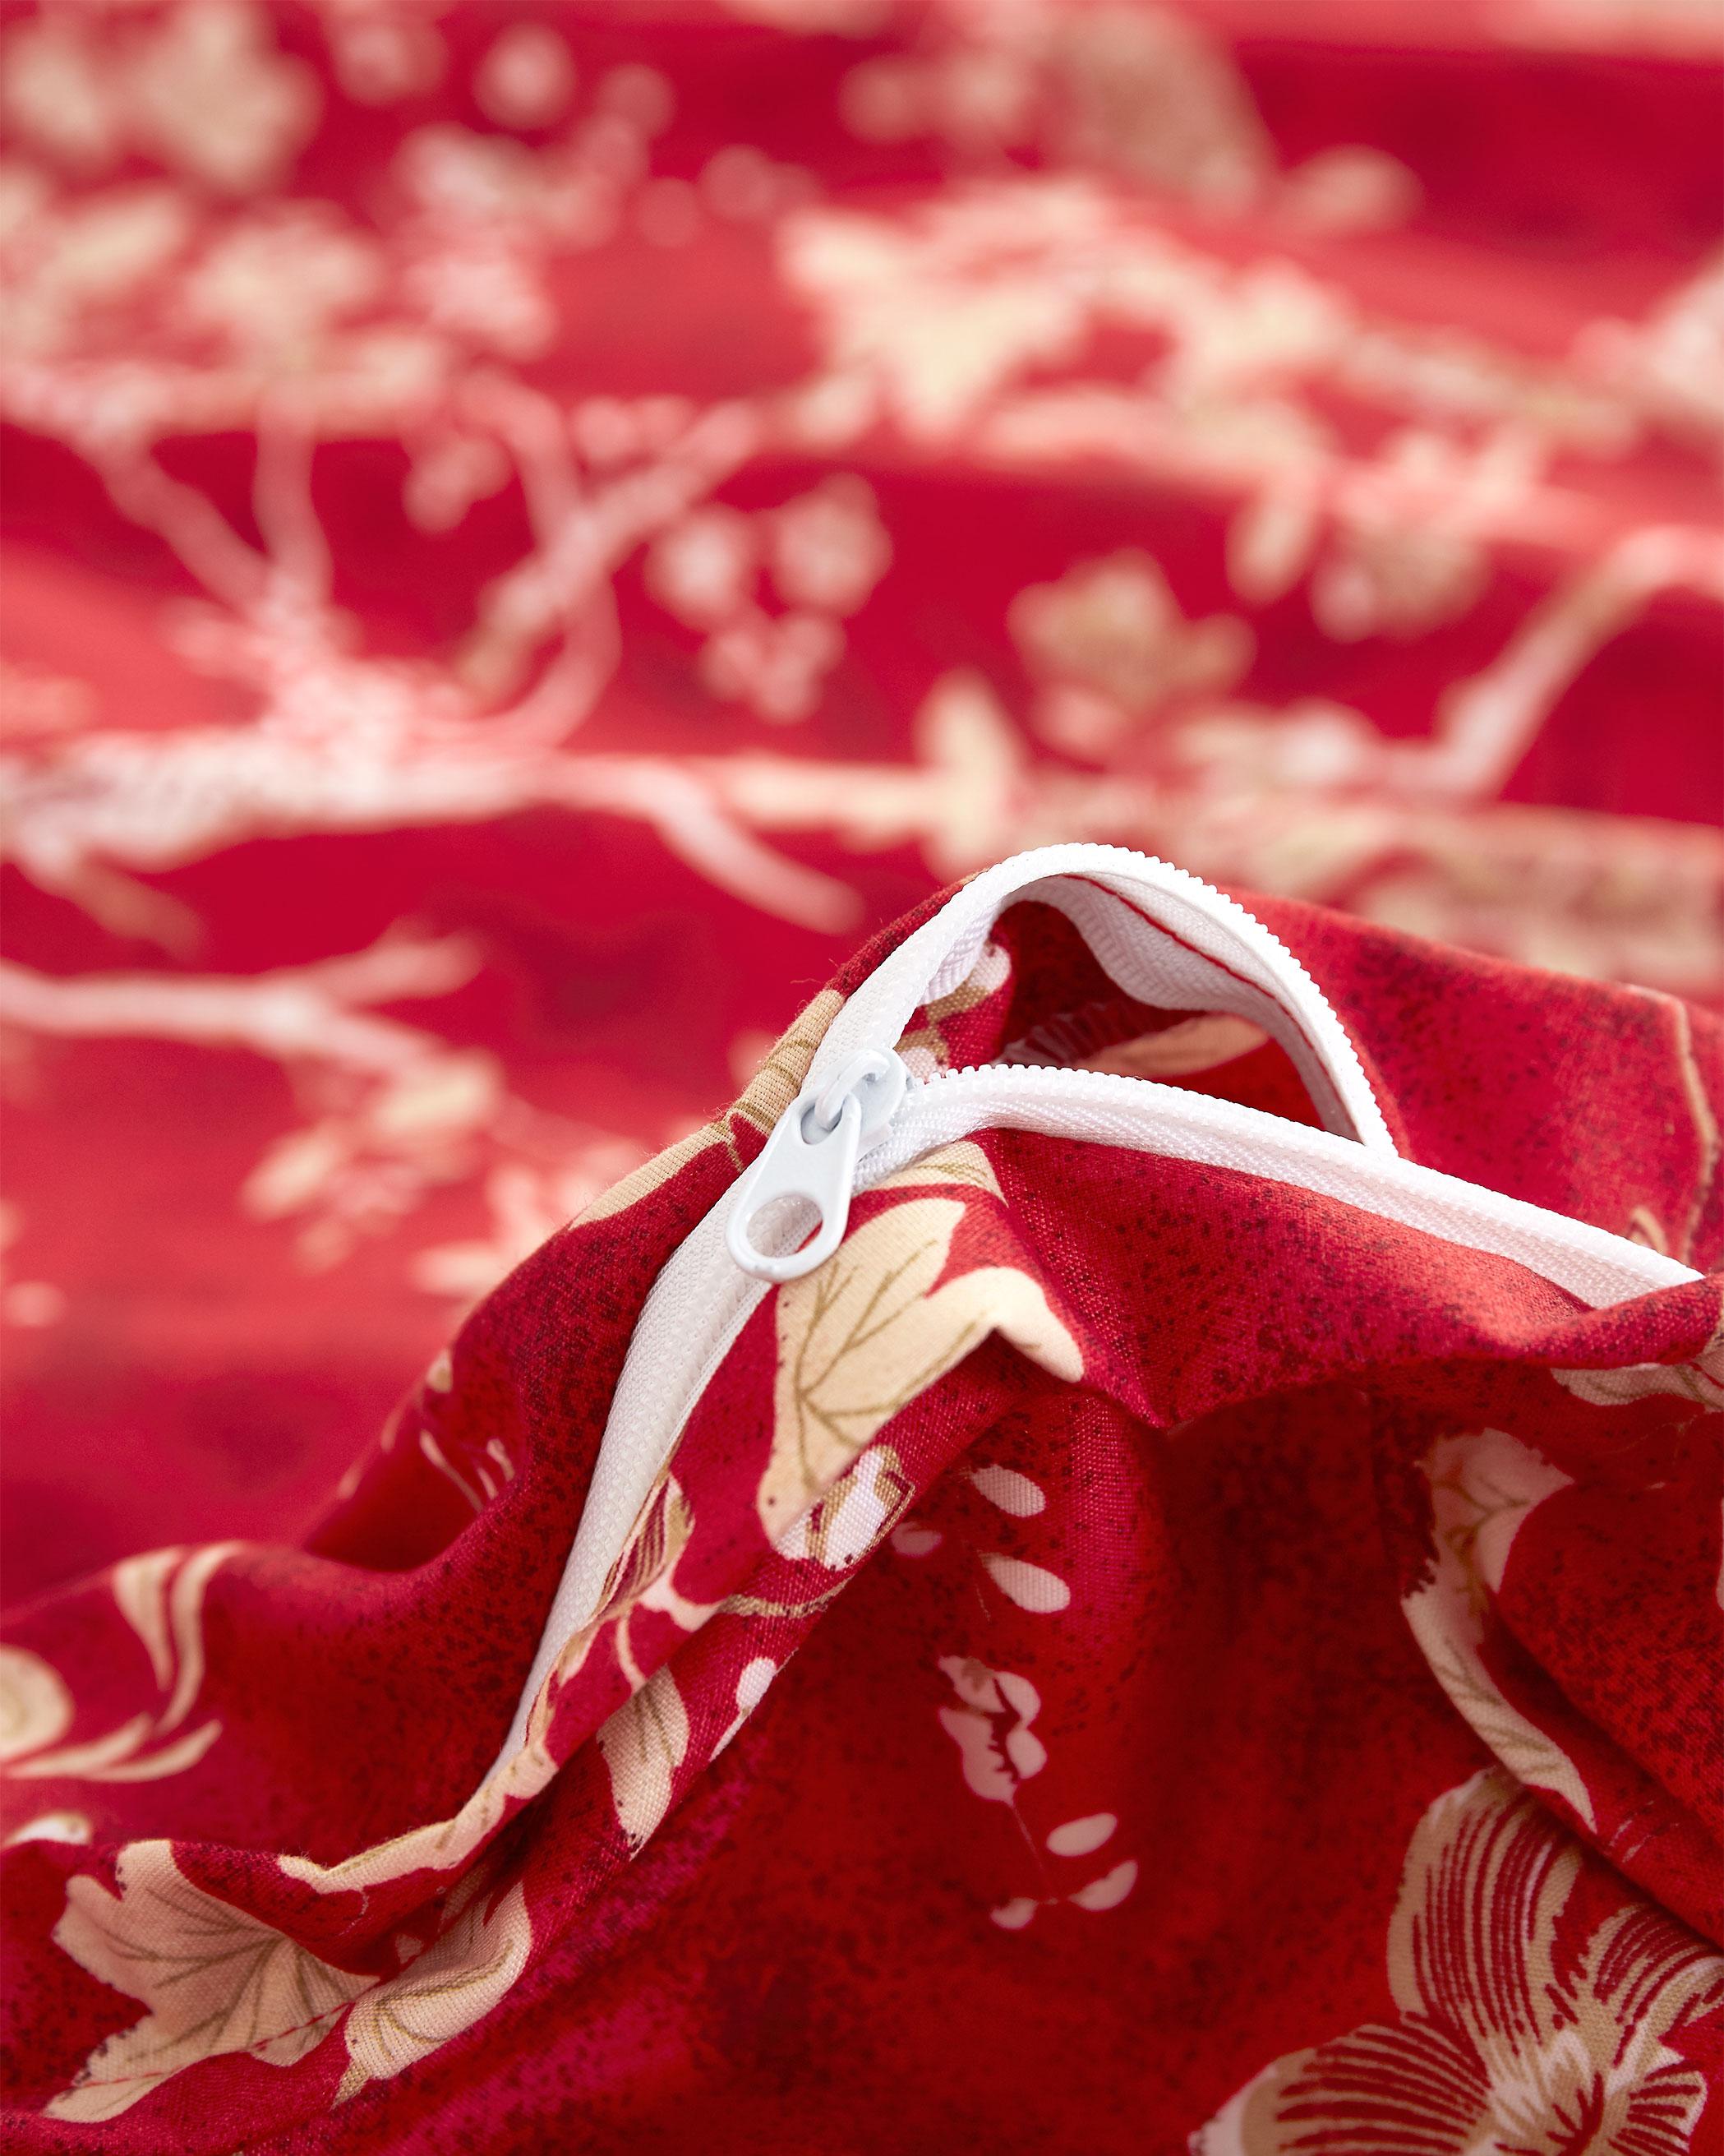 Red Floral Microfiber Duvet Cover Set